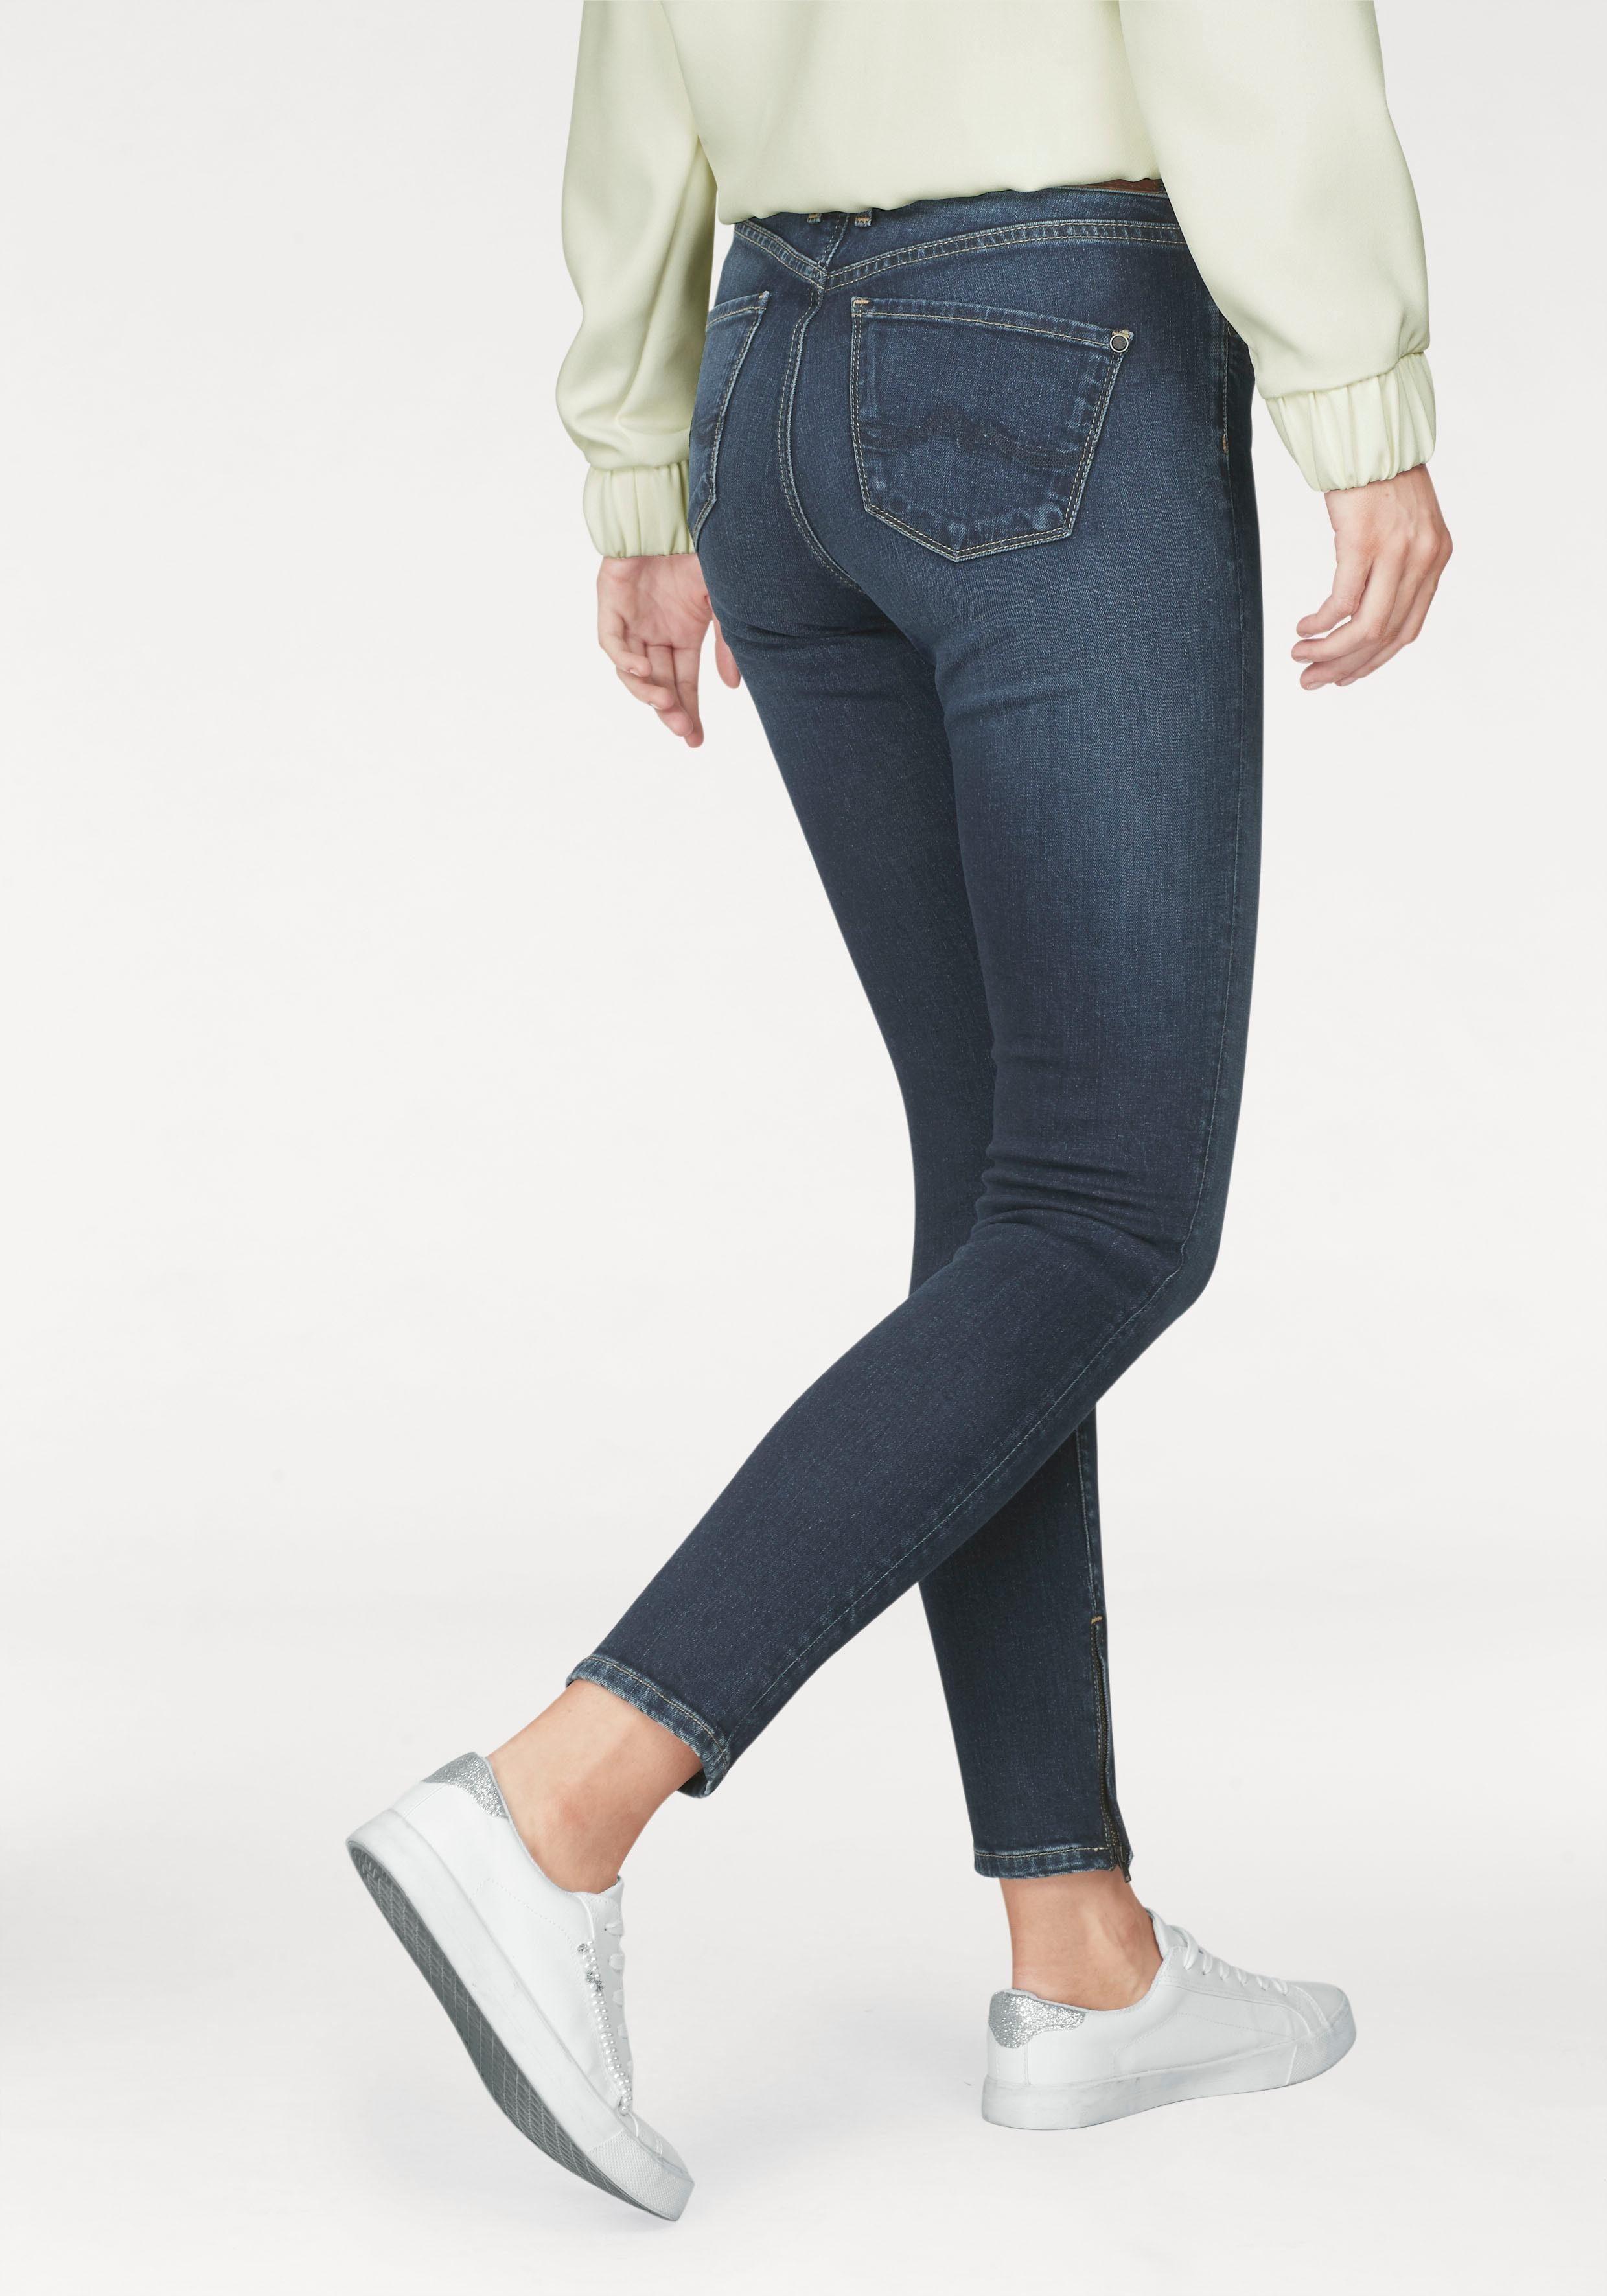 Pepe Jeans Skinny fit Jeans »CHER HIGHWAIST« mit Zip Detail online kaufen | OTTO